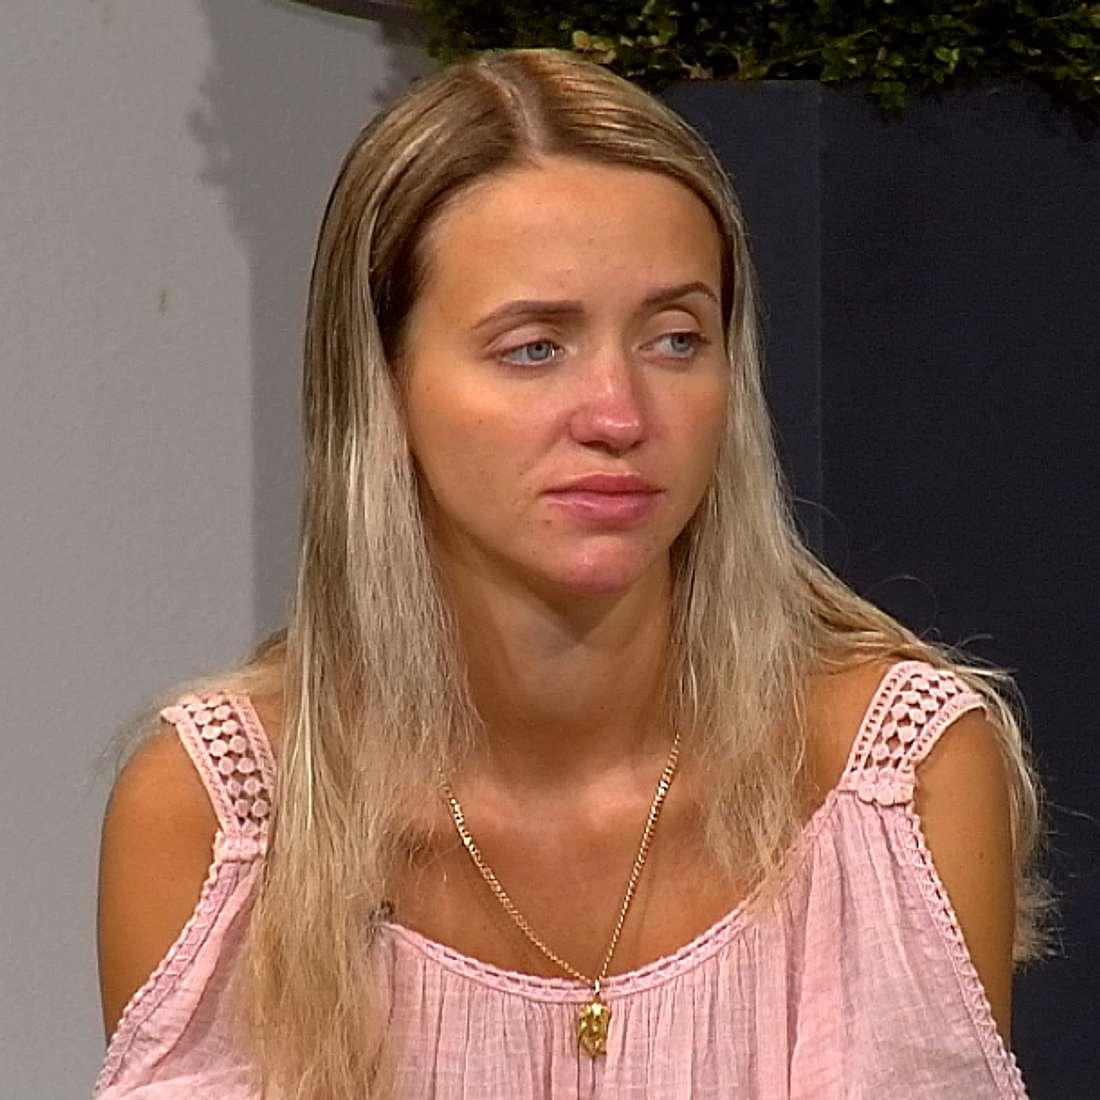 Cathy Lugner ergreift Partei für Frank Stäblers Verlobte